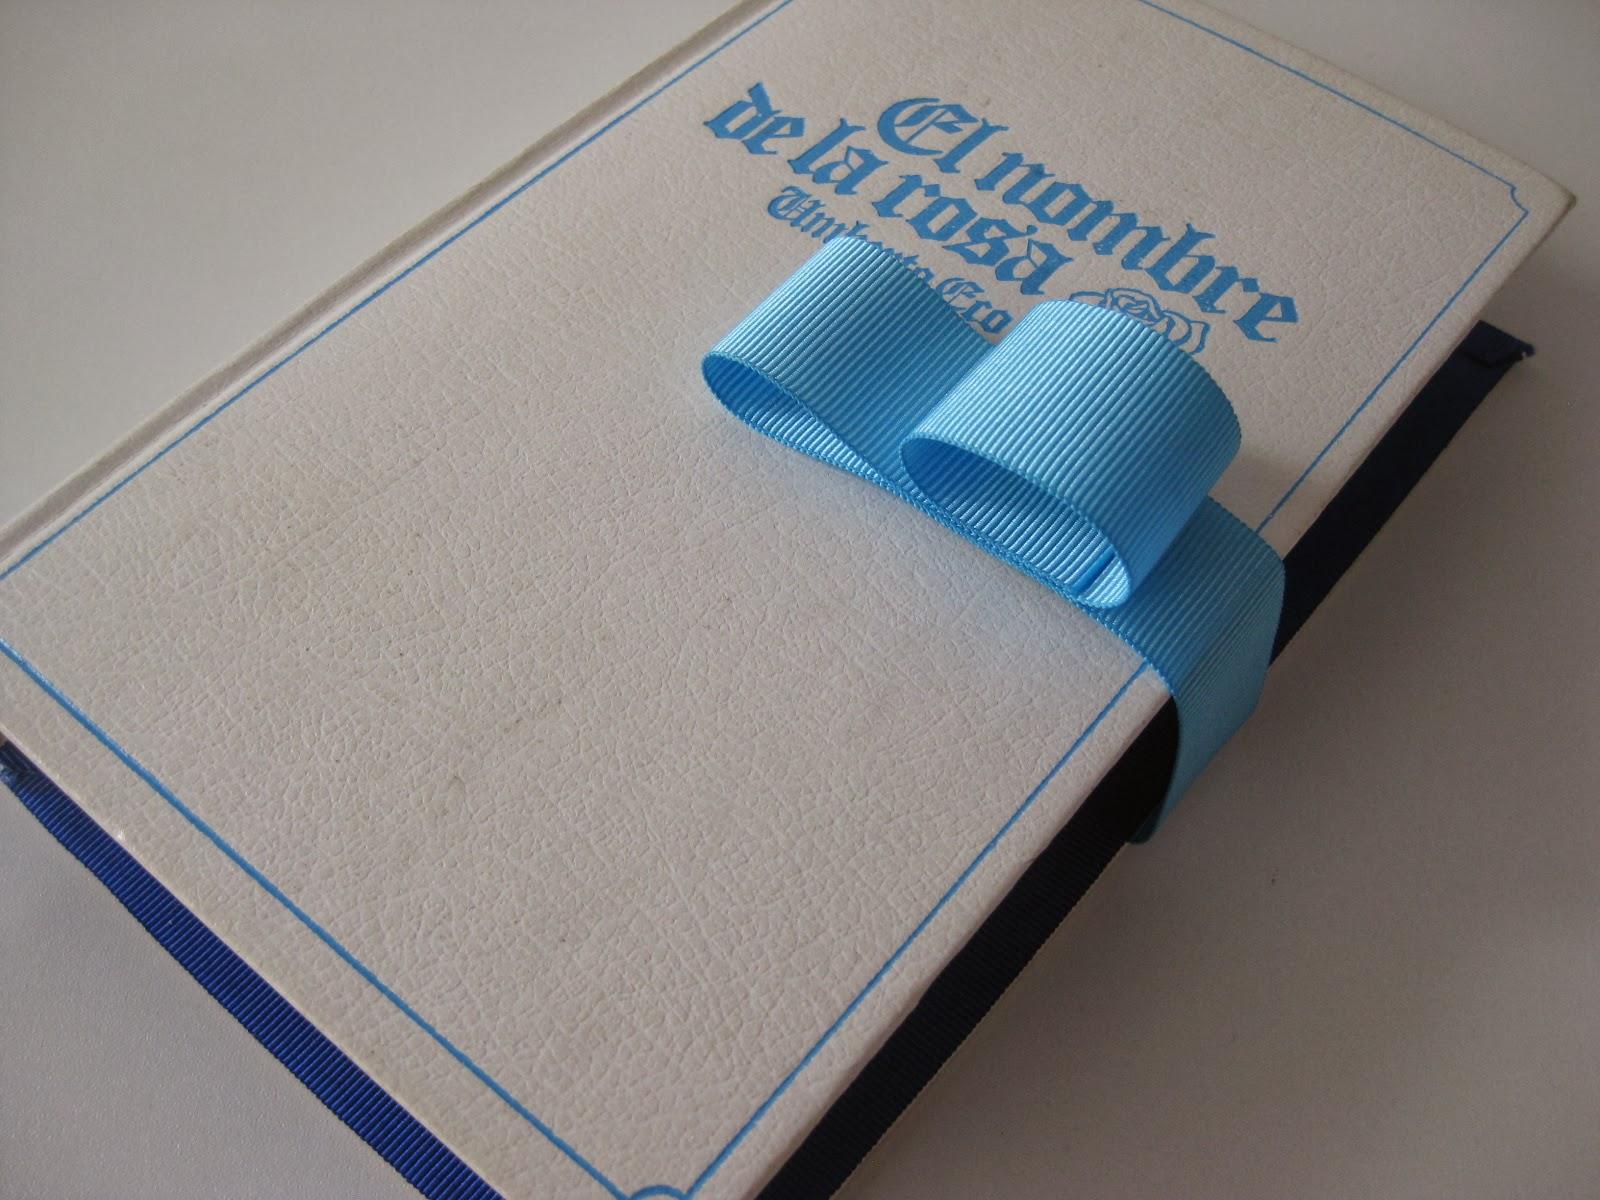 Libros-bolso reciclados y artesanales